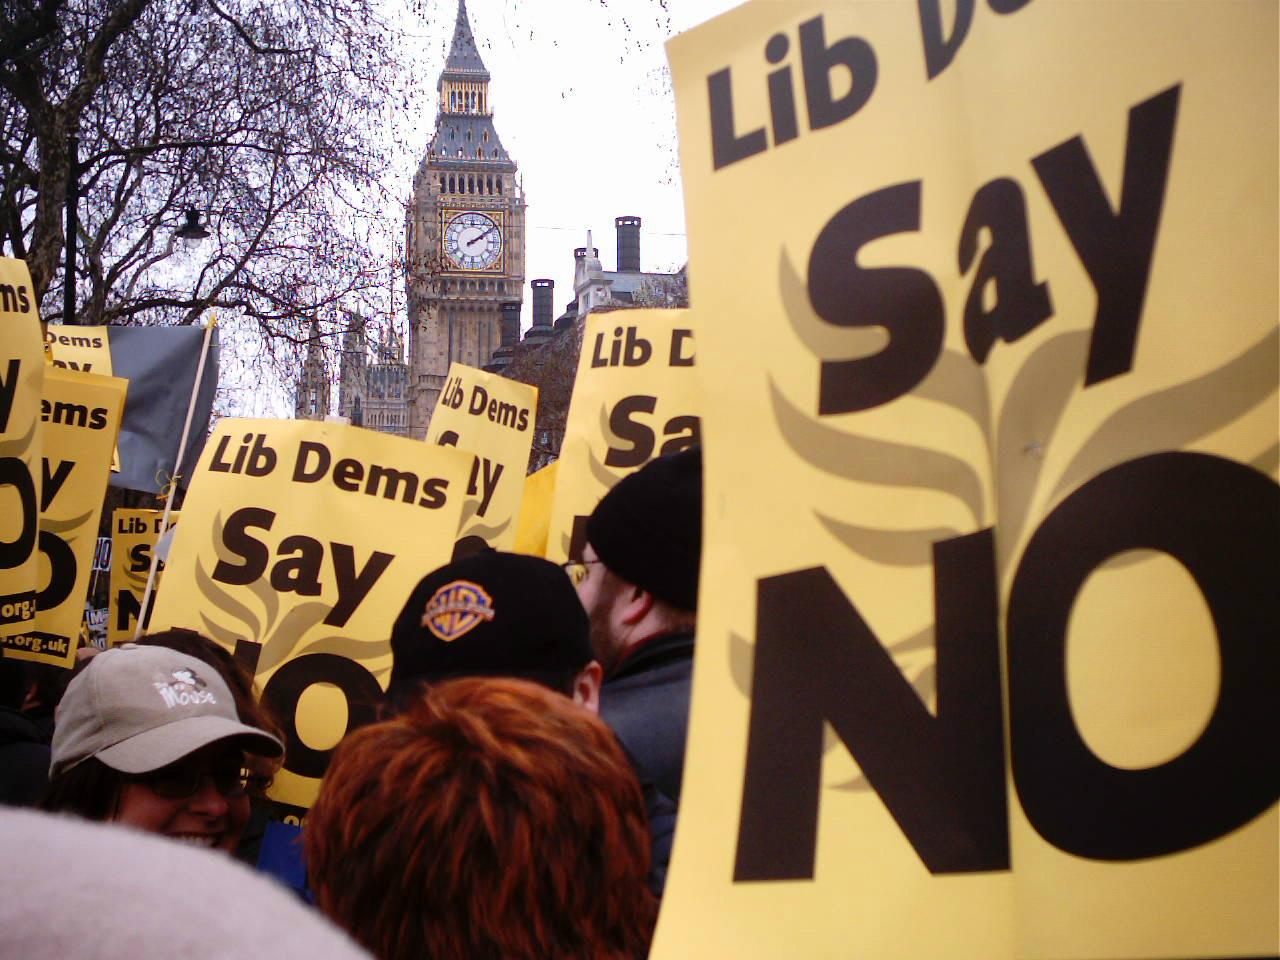 Londondemo_Lib_Dems_Say_No.jpg